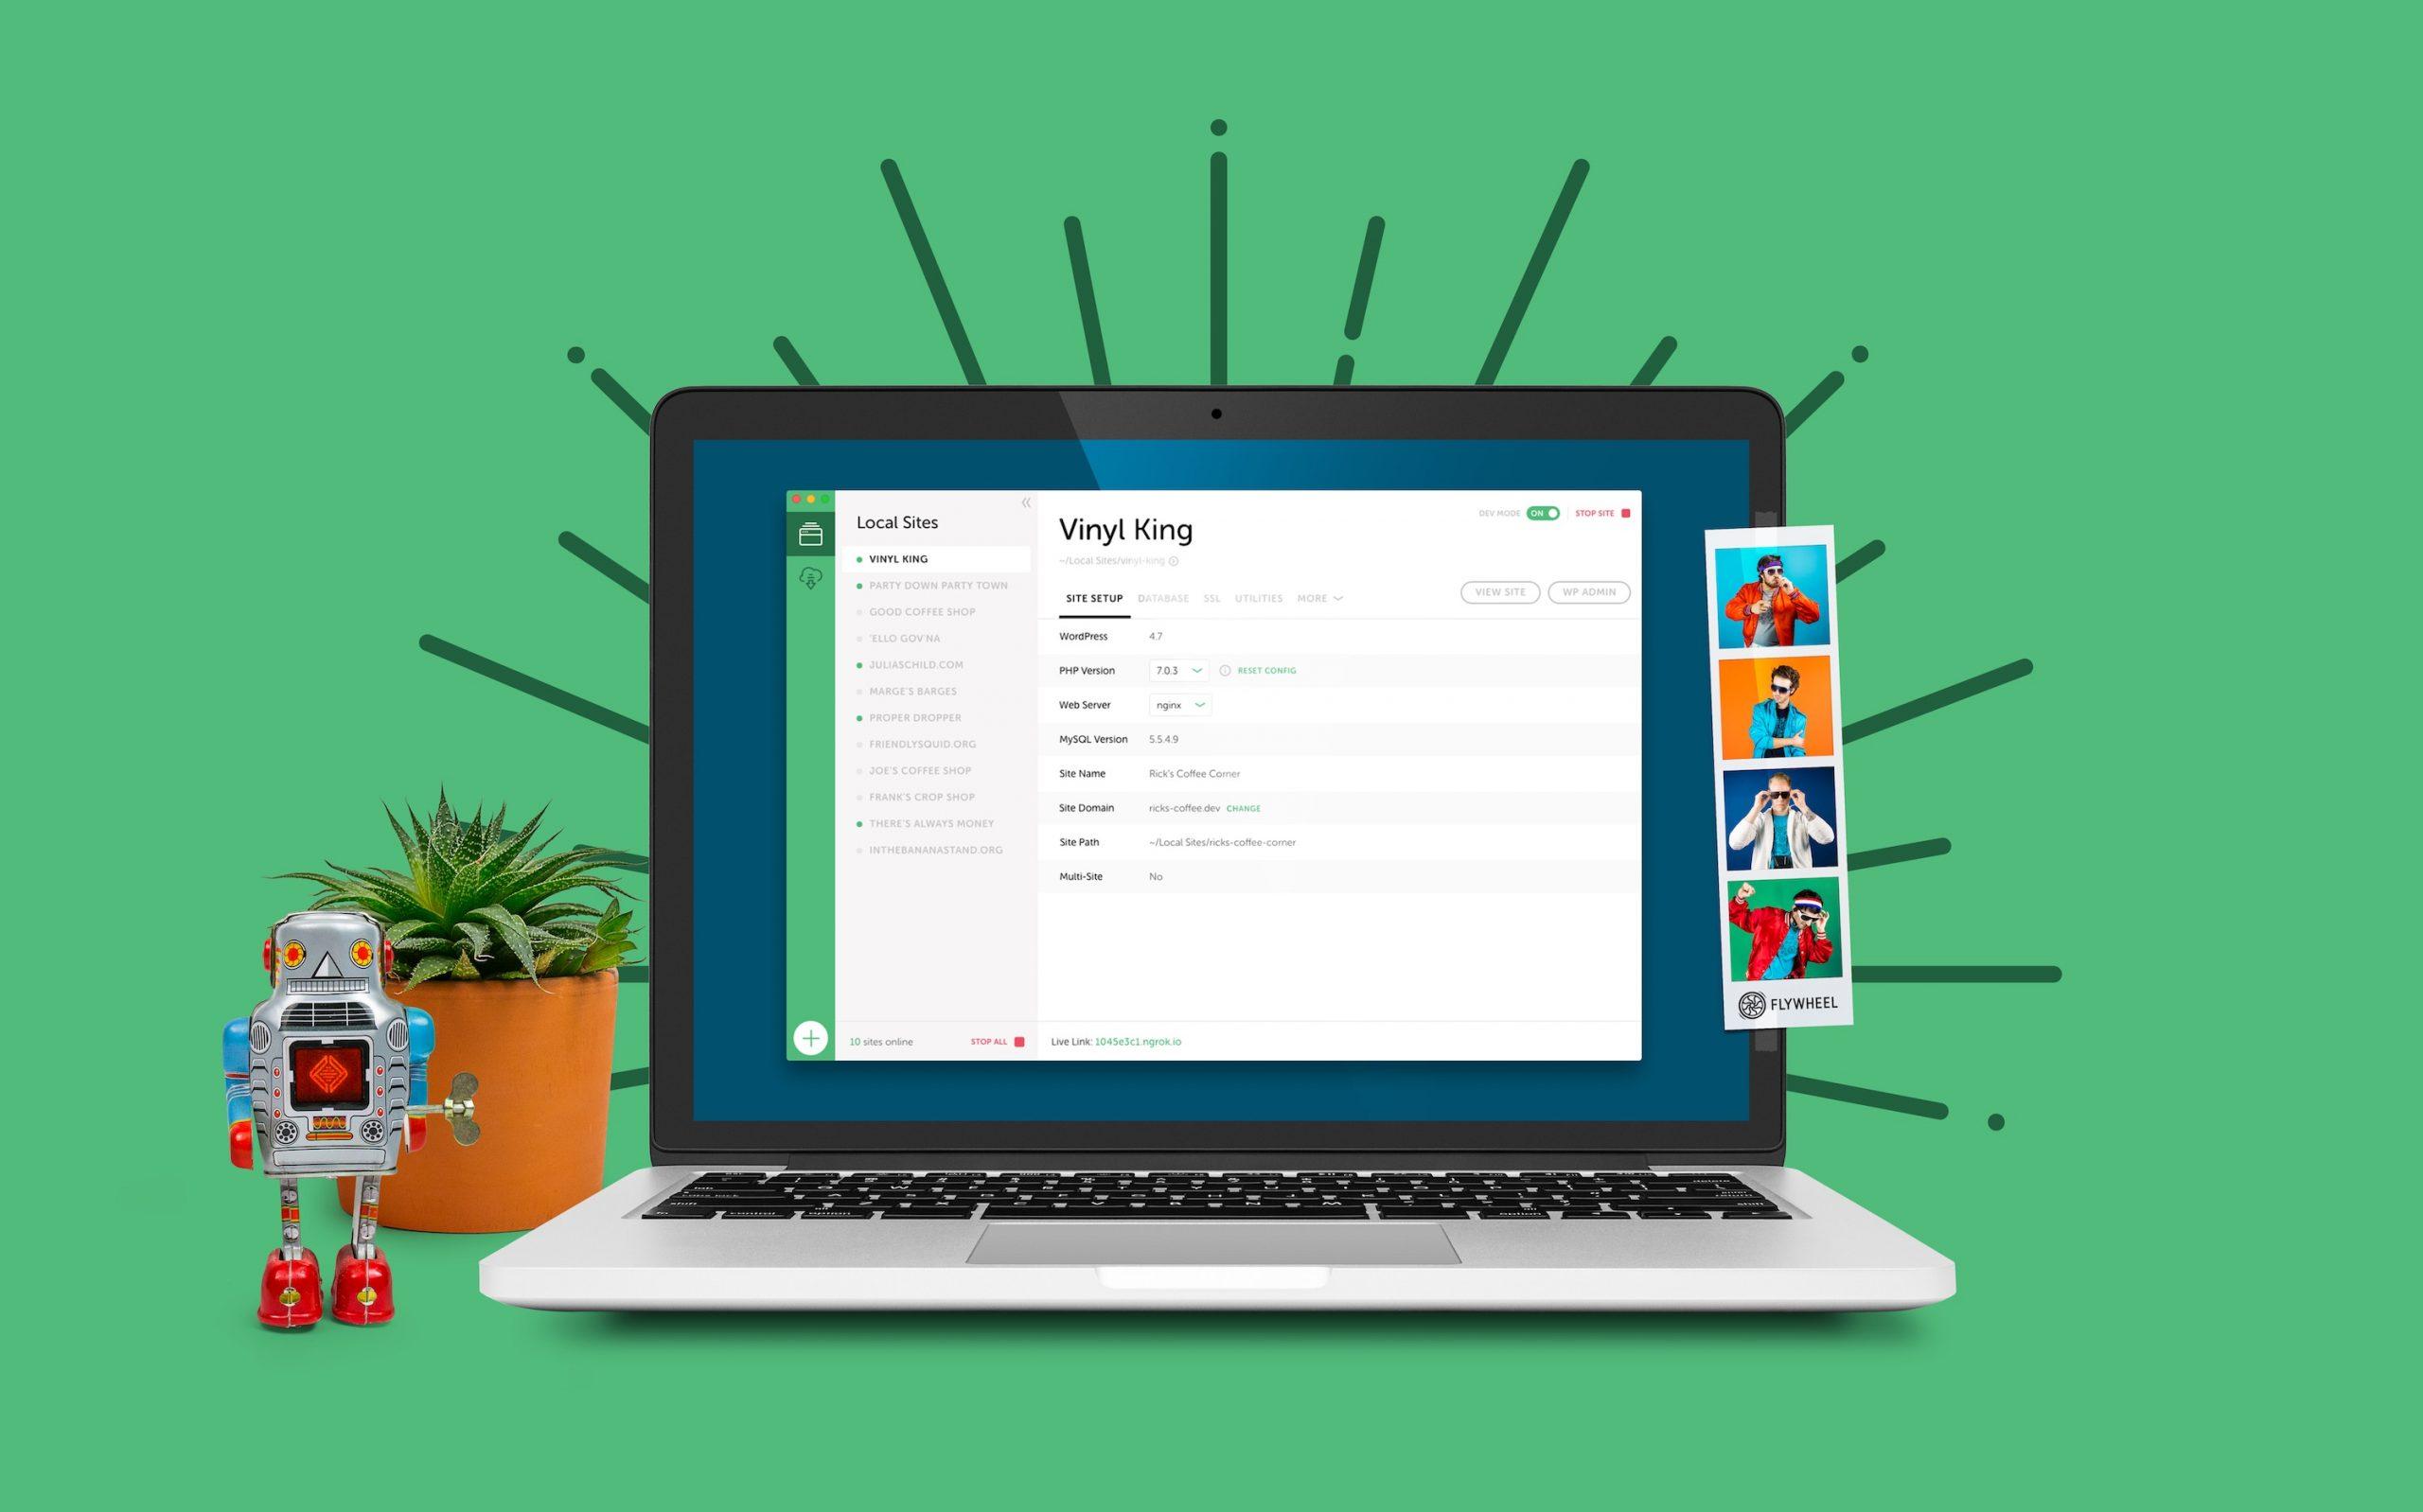 The Best Digital Marketing Strategies That Increase Revenue